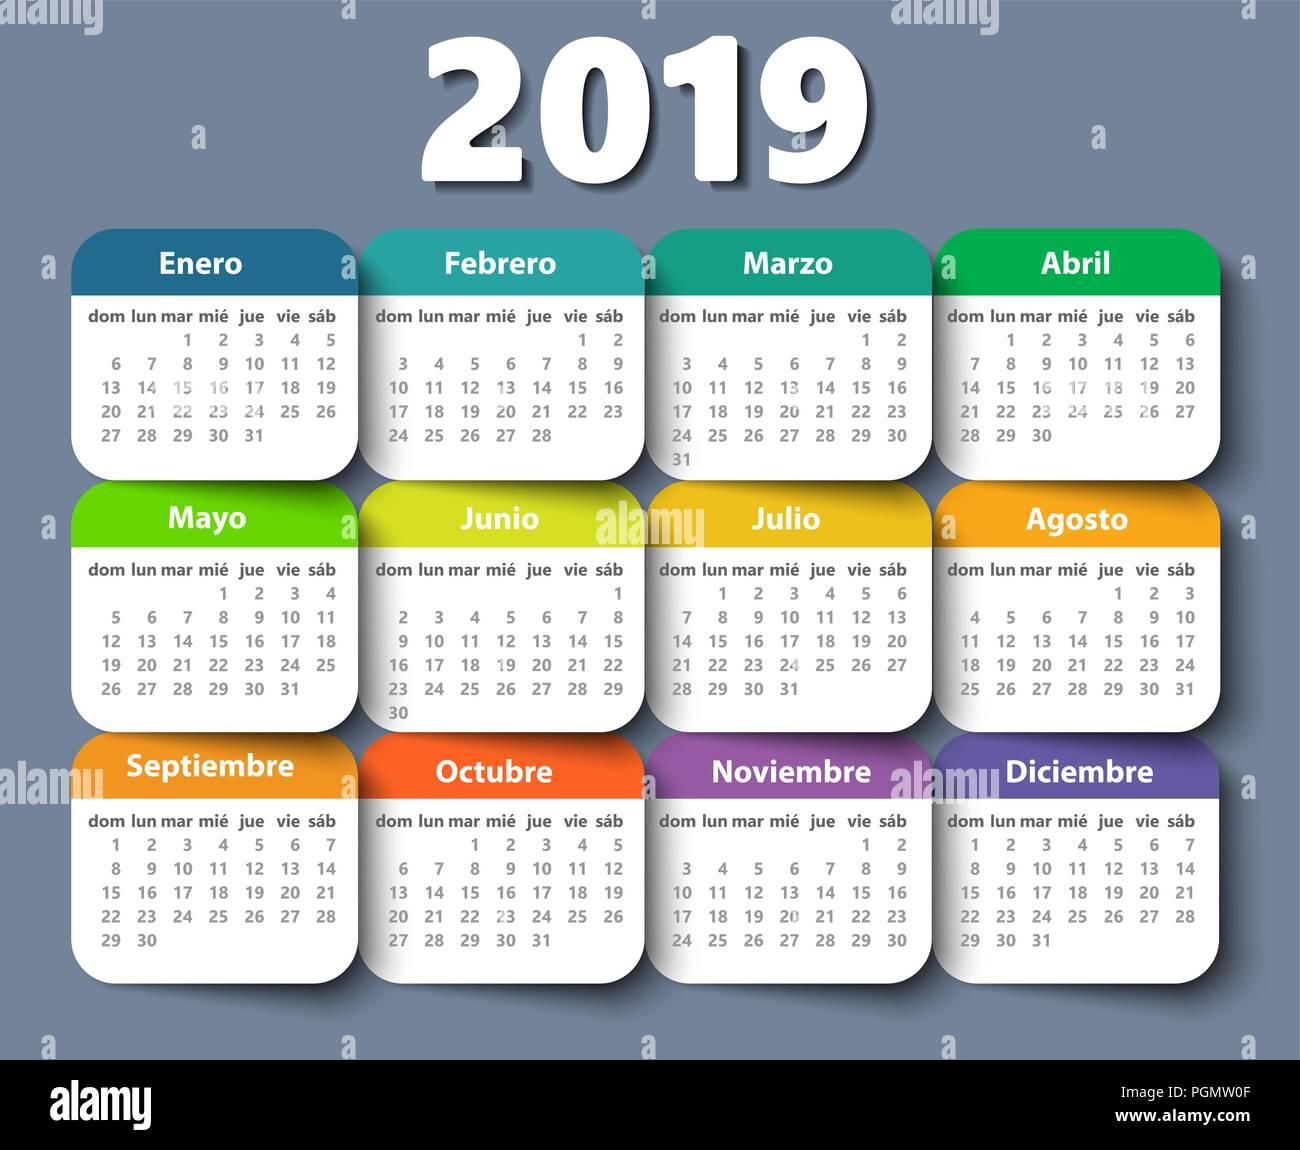 Calendario 2018 Plantilla De Diseño Vectorial En Español